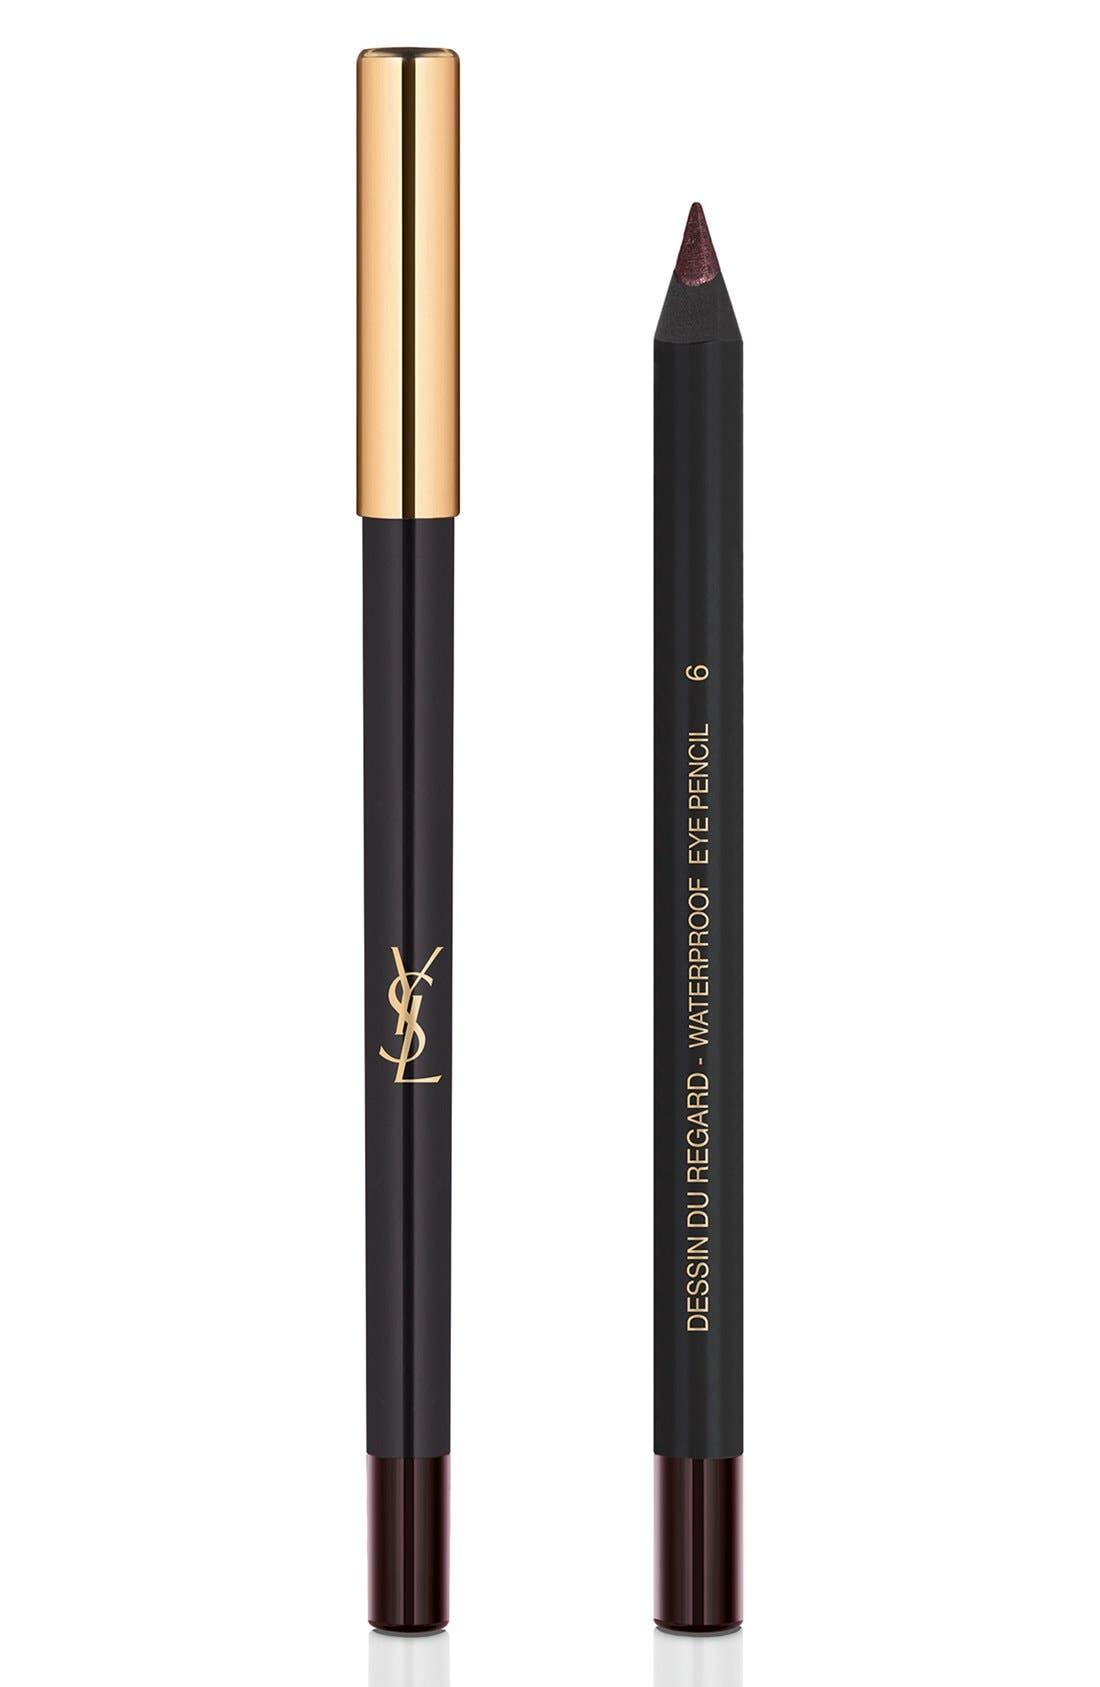 Yves Saint Laurent Dessin Du Regard Waterproof Eyeliner Pencil - 06 Burgundy